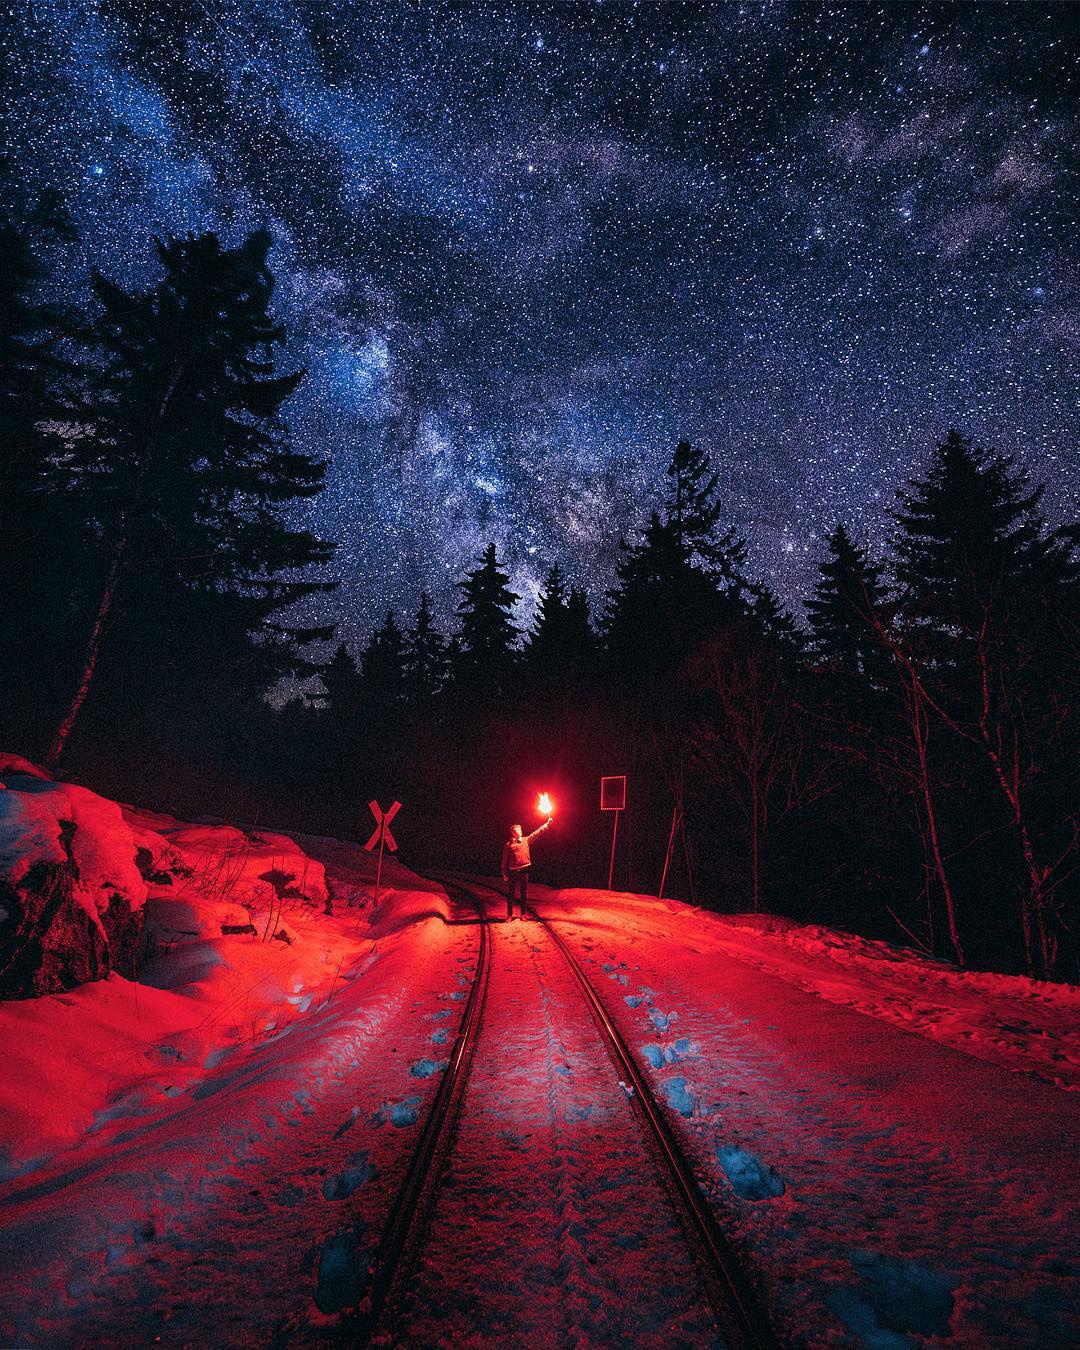 viaje alrededor del mundo con fotografías de paisajes surreales Jacob Riglin 014